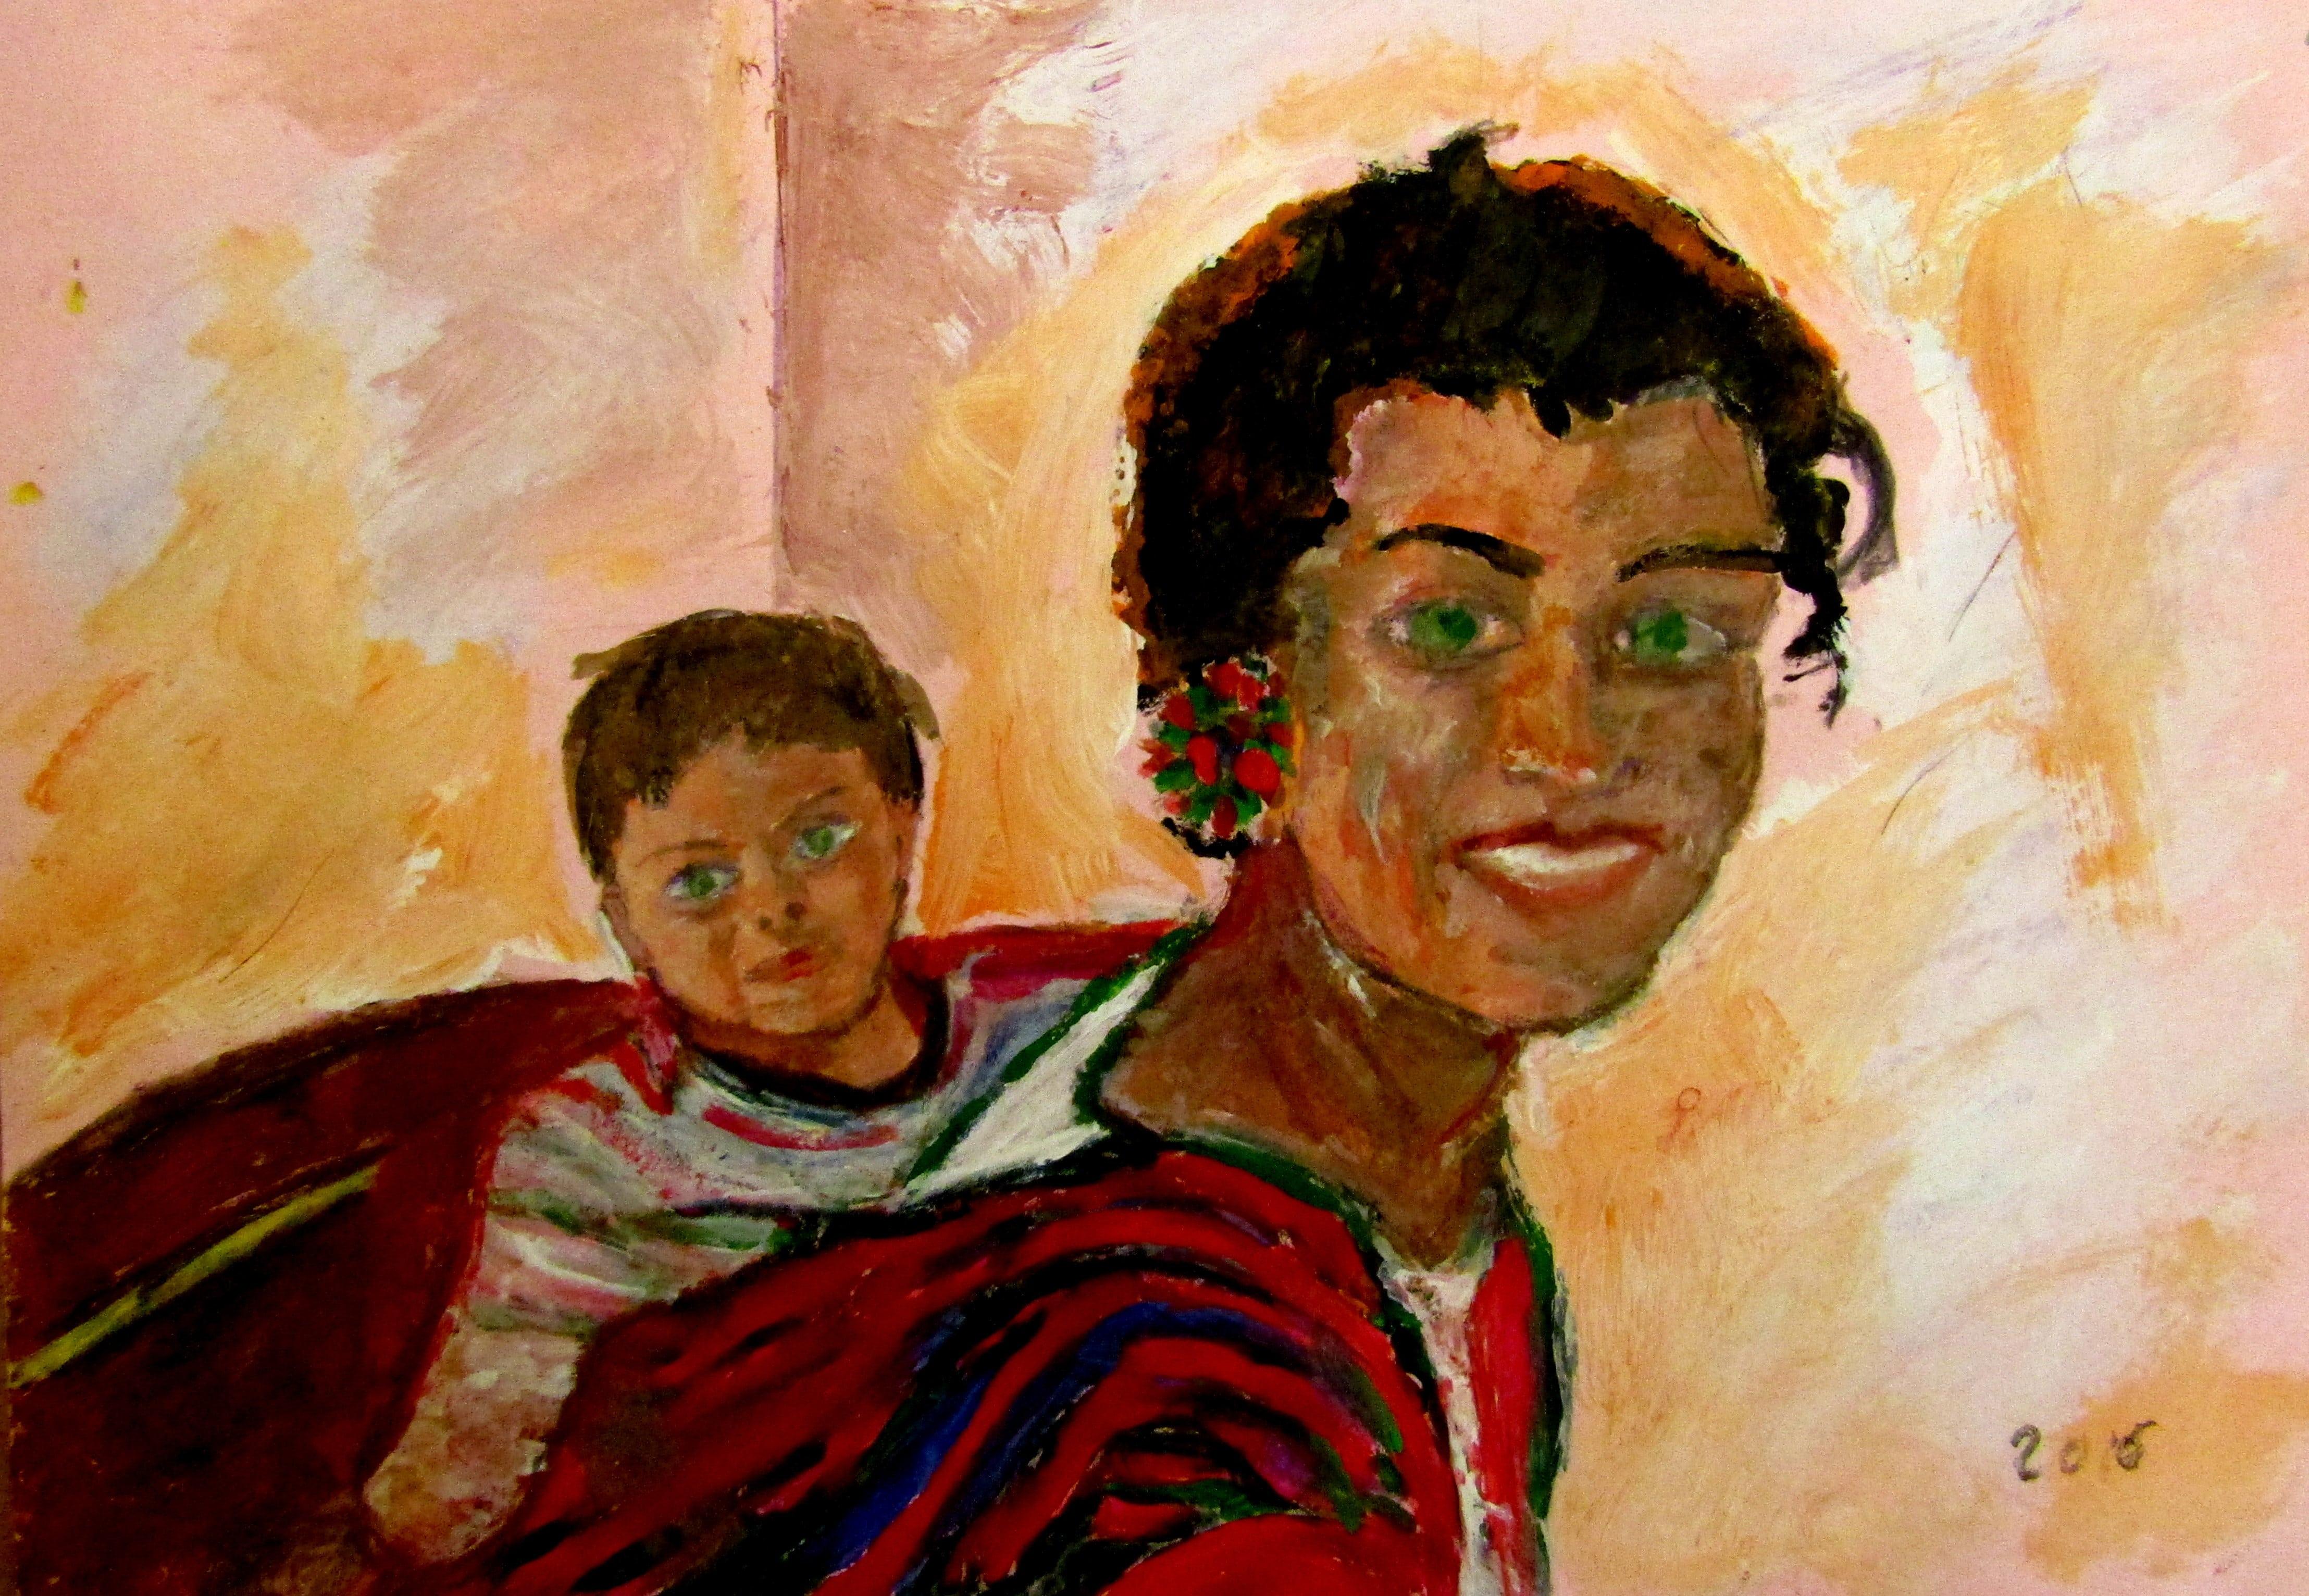 Tânără peruană cu fiul (30/40,tempera pe carton)